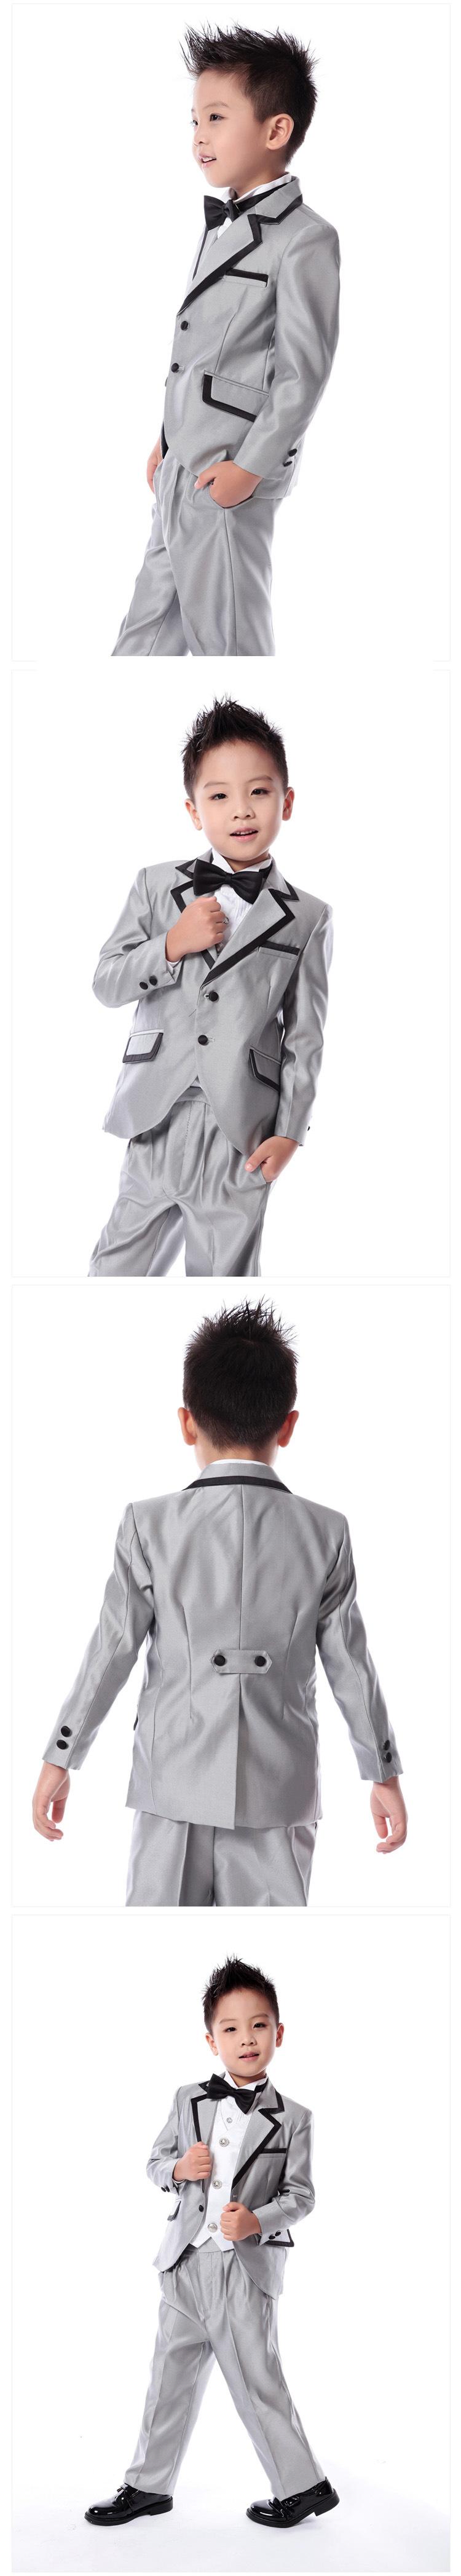 Скидки на Четыре пьесы Дети костюм мальчики серебряный костюм детский костюм показать цветочница платье (куртка + брюки + рубашка + галстук-бабочка)